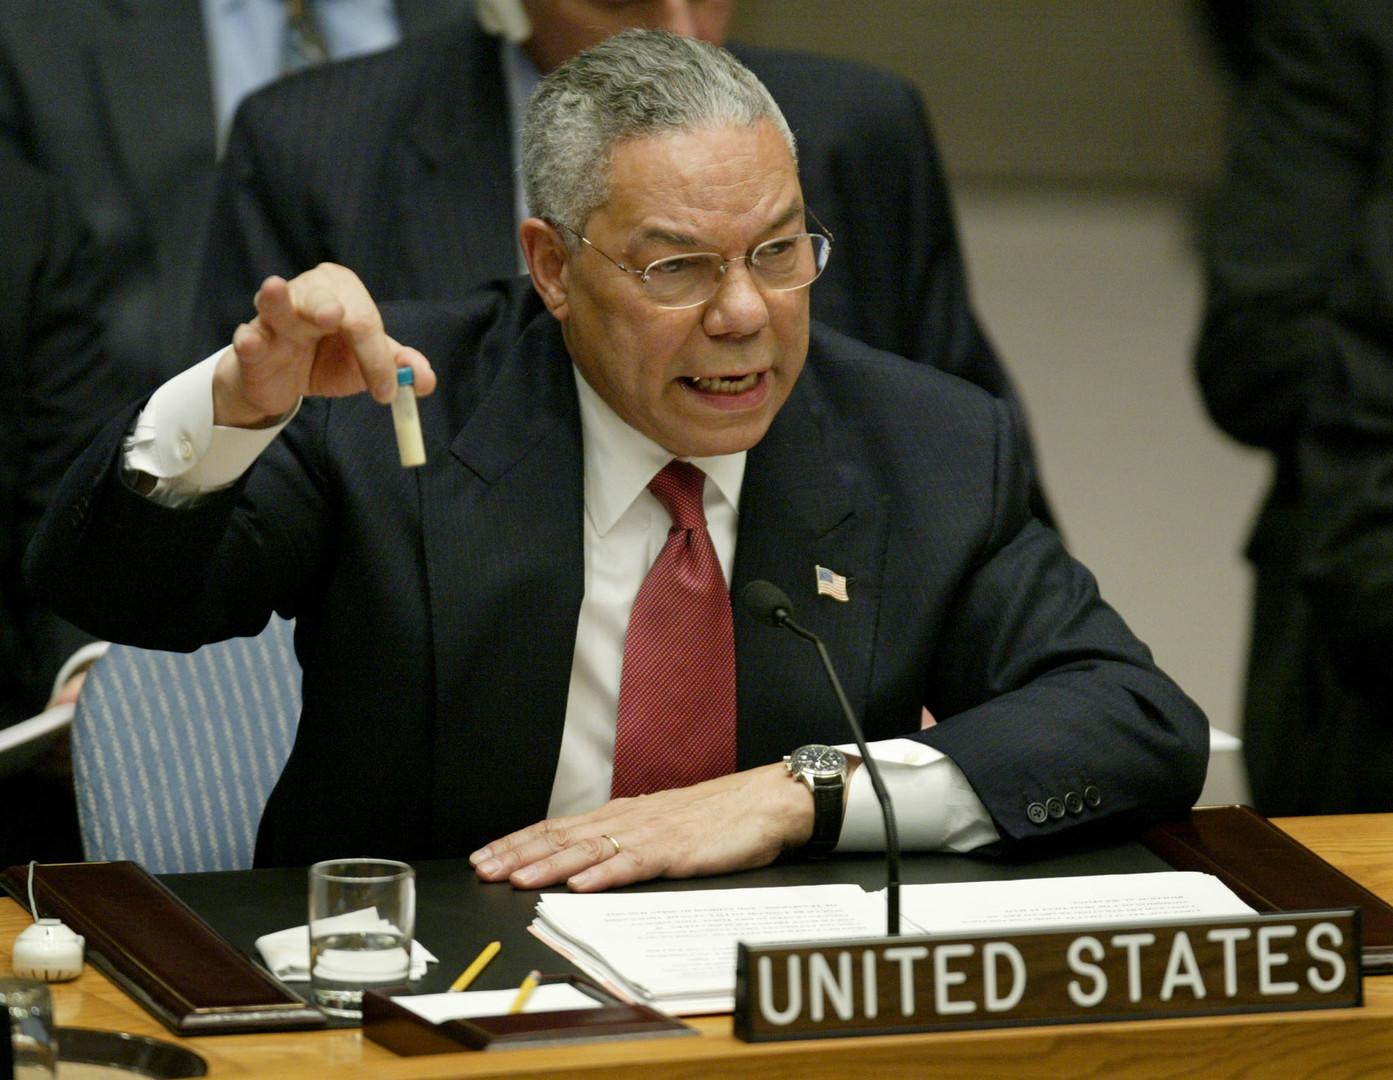 Täglich grüßt das Murmeltier: USA wollen Massenvernichtungswaffen in Syrien entdeckt haben